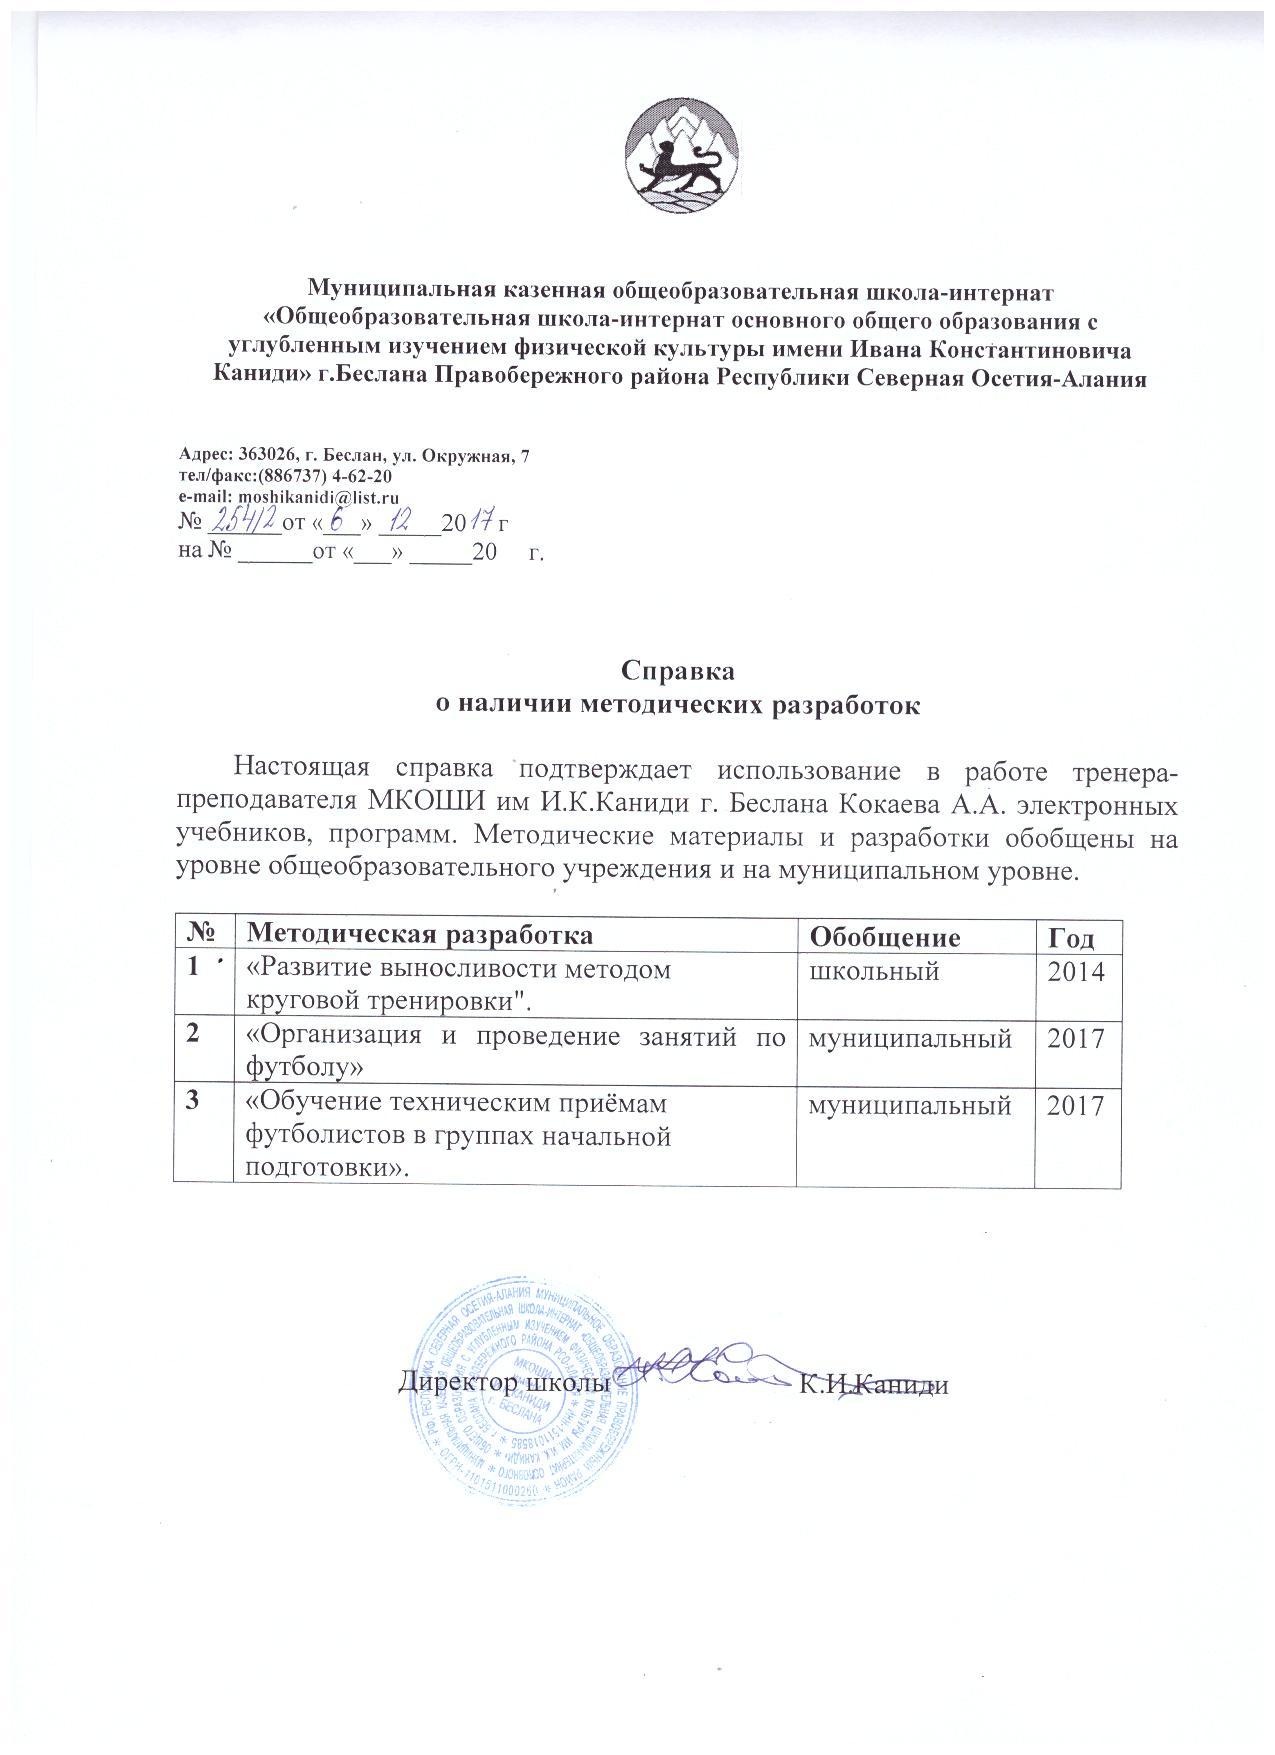 где купить трудовую книжку в москве чистую